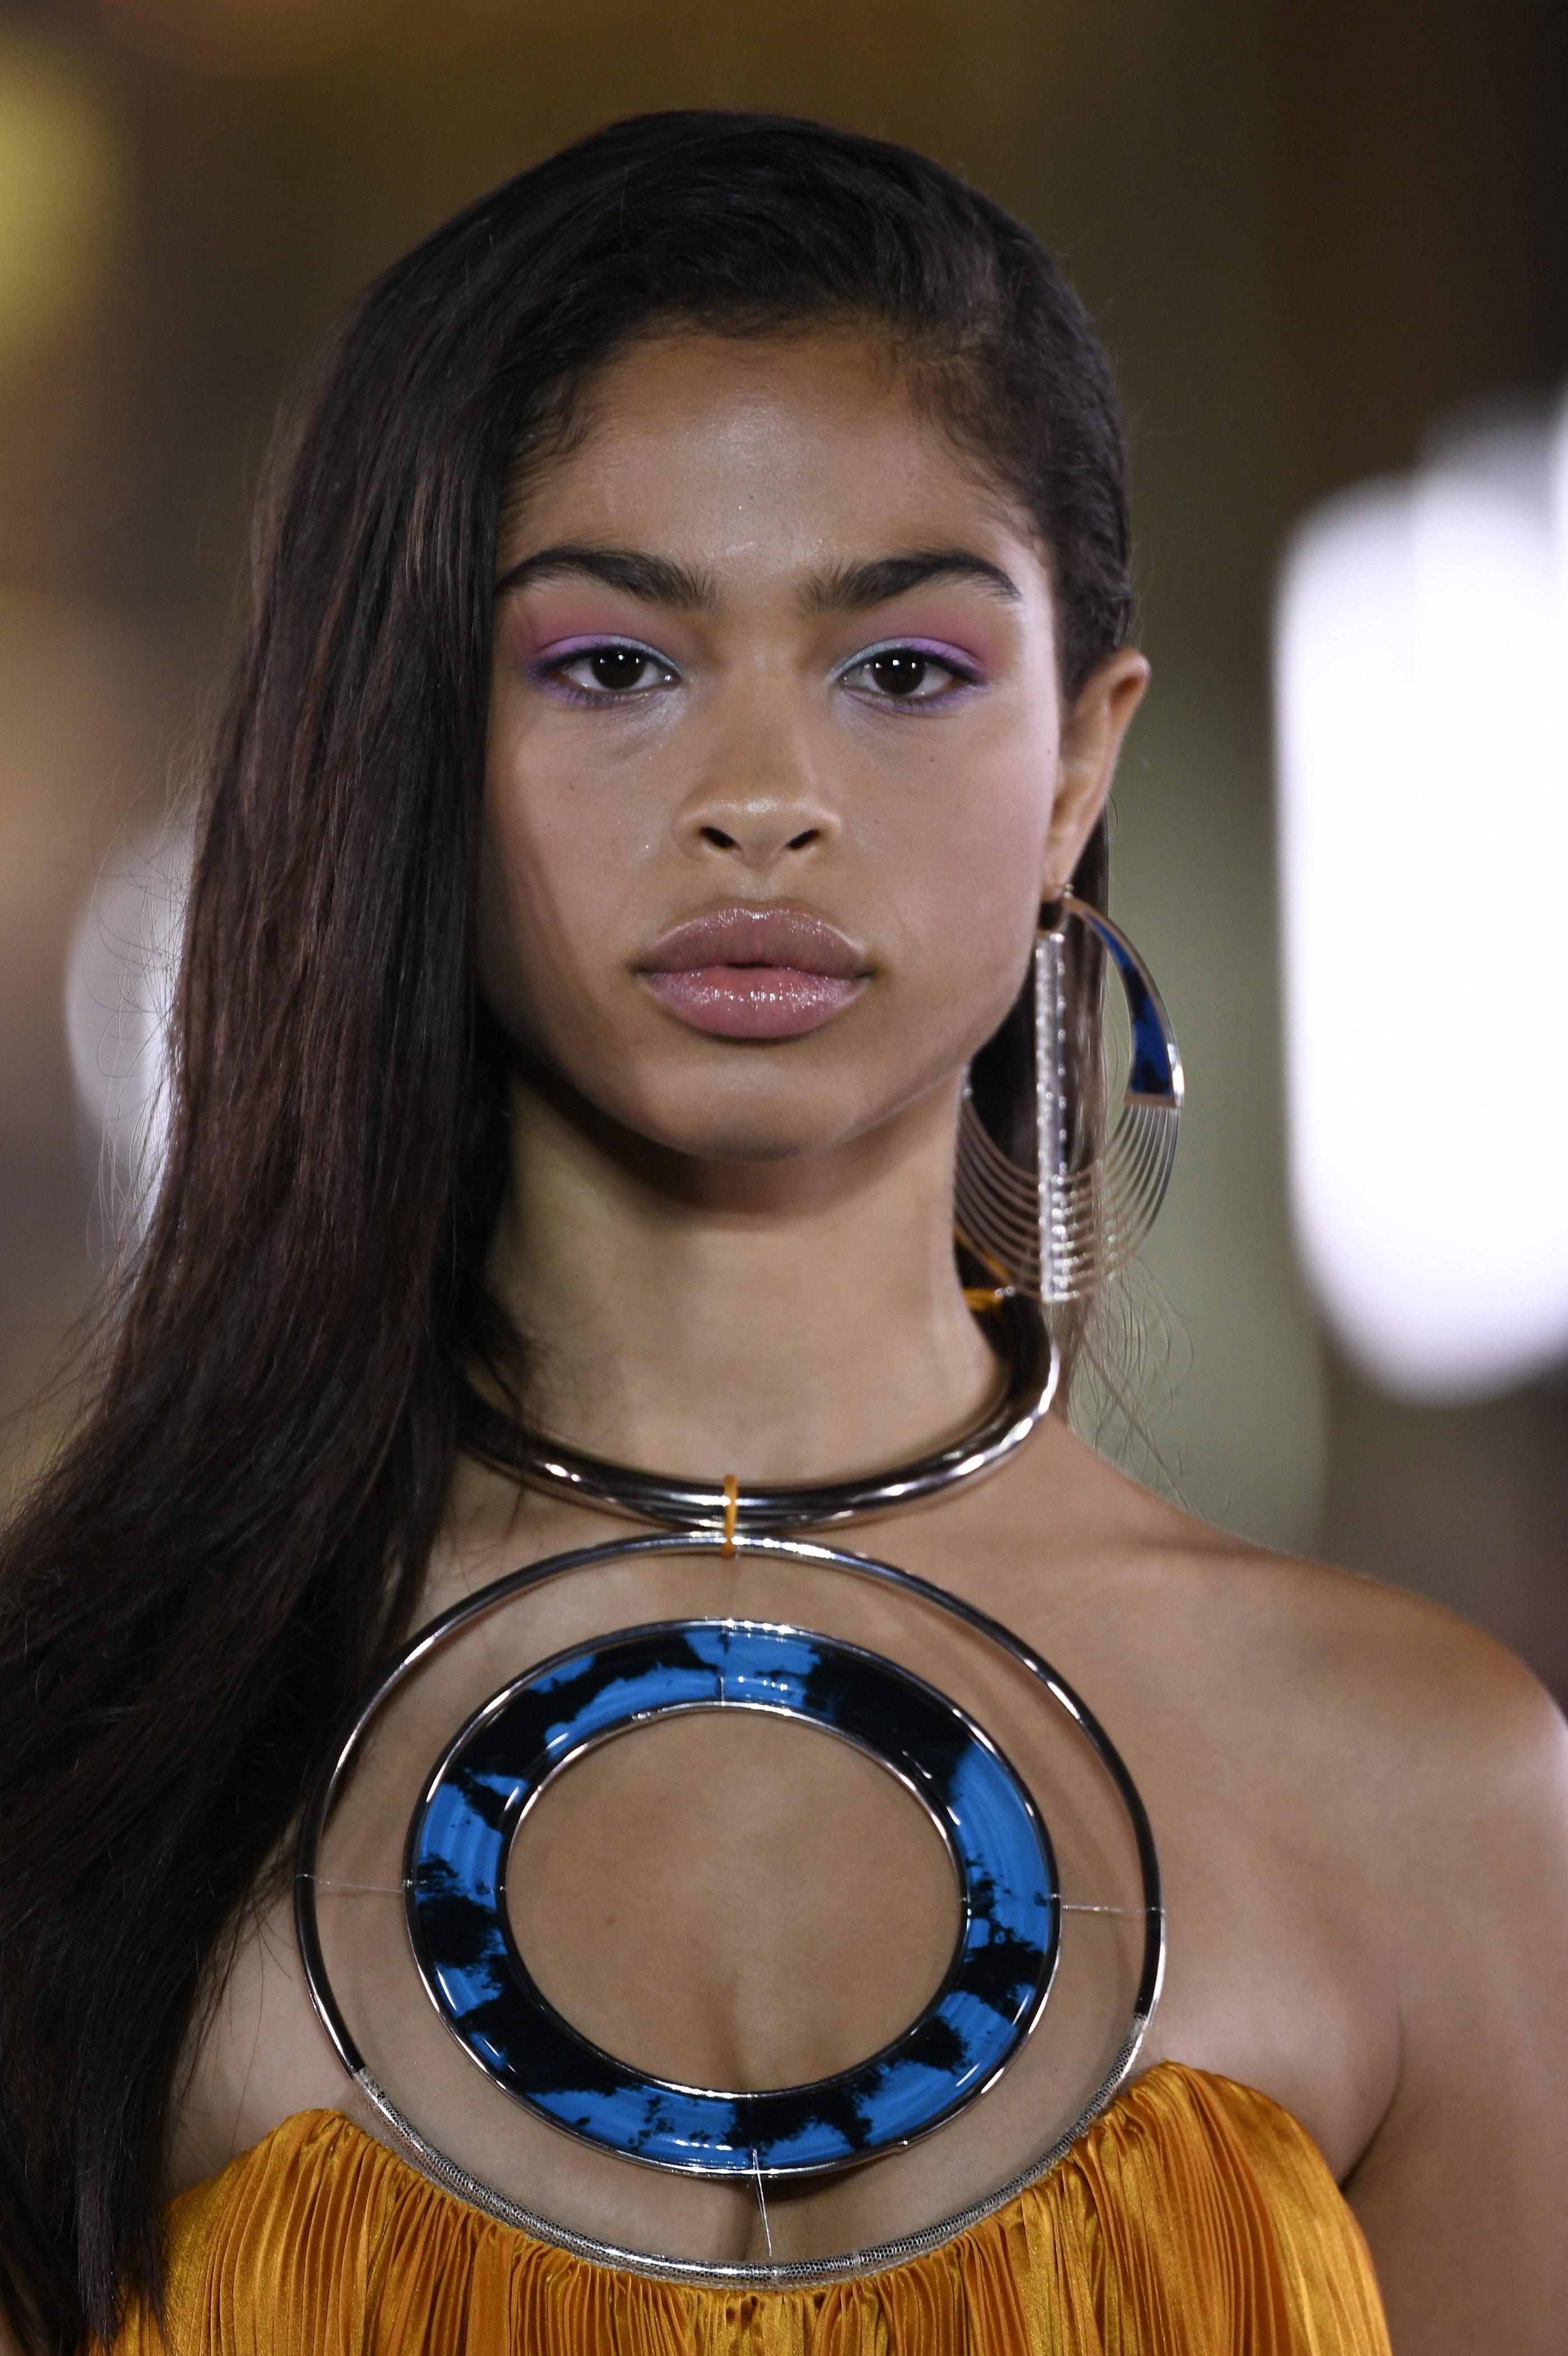 Trang điểm mắt-Cô gái đeo vòng tròn ở cổ.